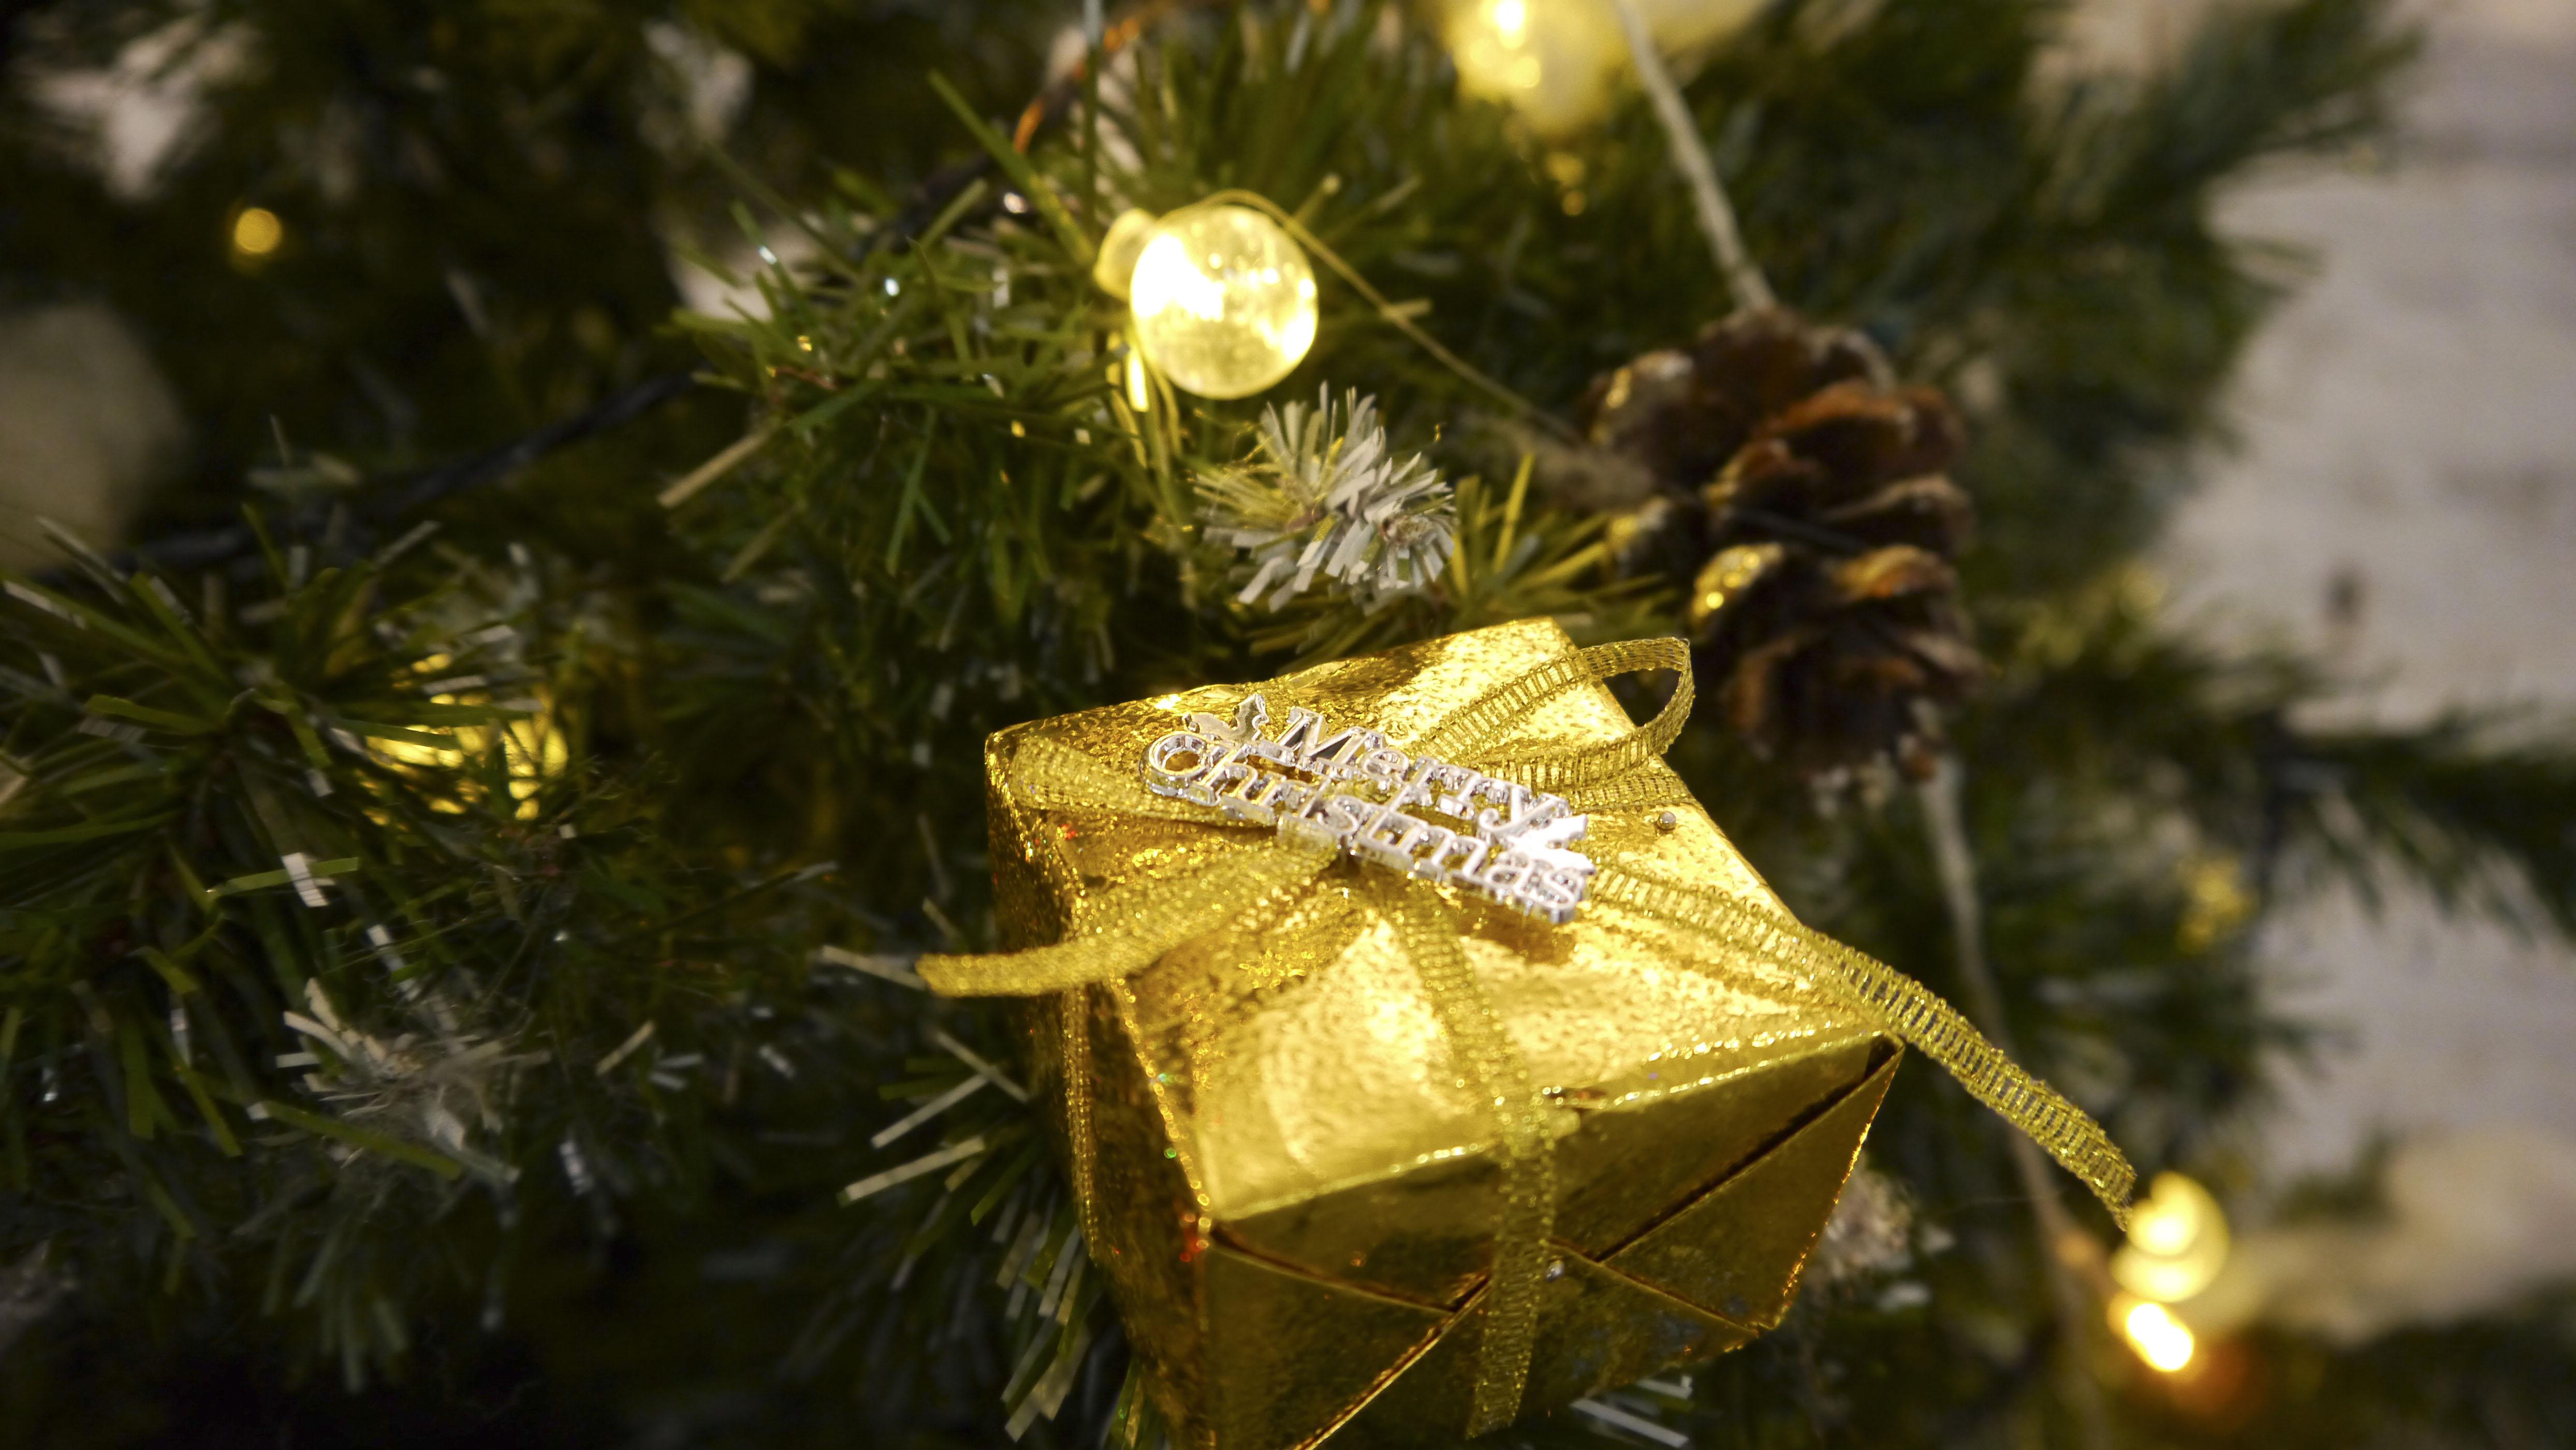 Giáng sinh- ngày lễ với những khoảnh khắc đáng nhớ